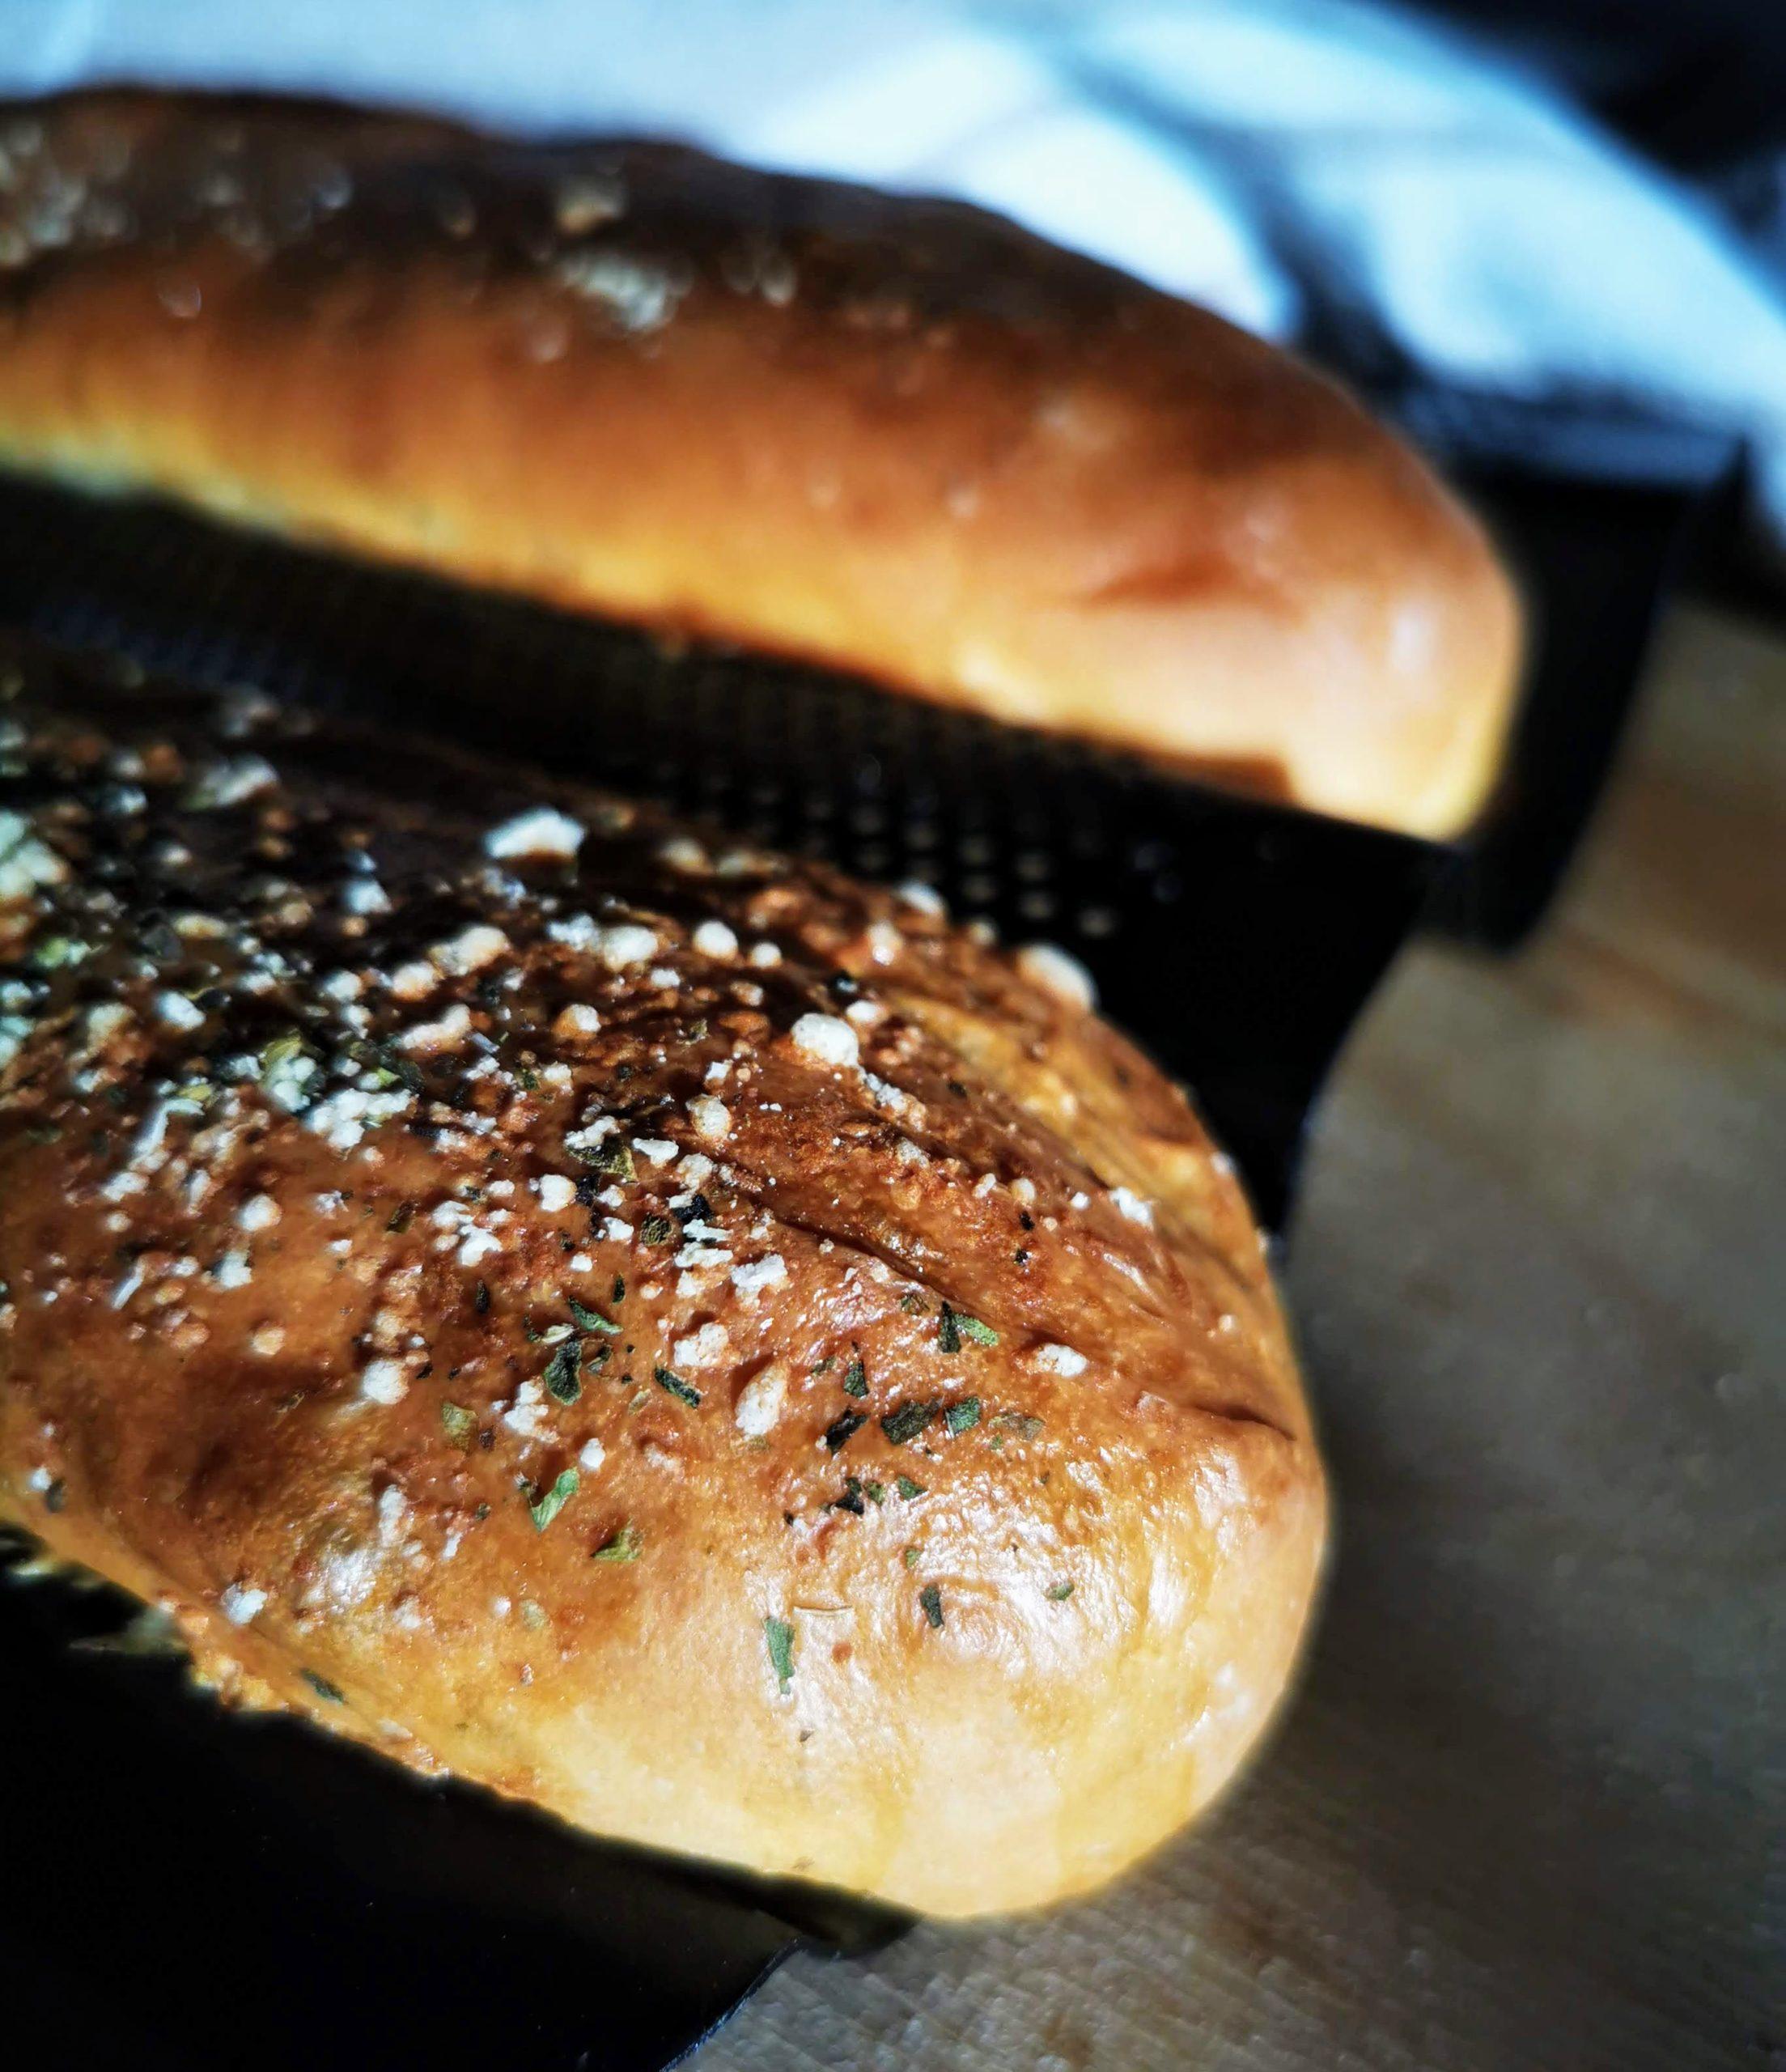 Världens godaste hembakta bröd till submarine sandwich macka, recept översatt av Helen J Holmberg